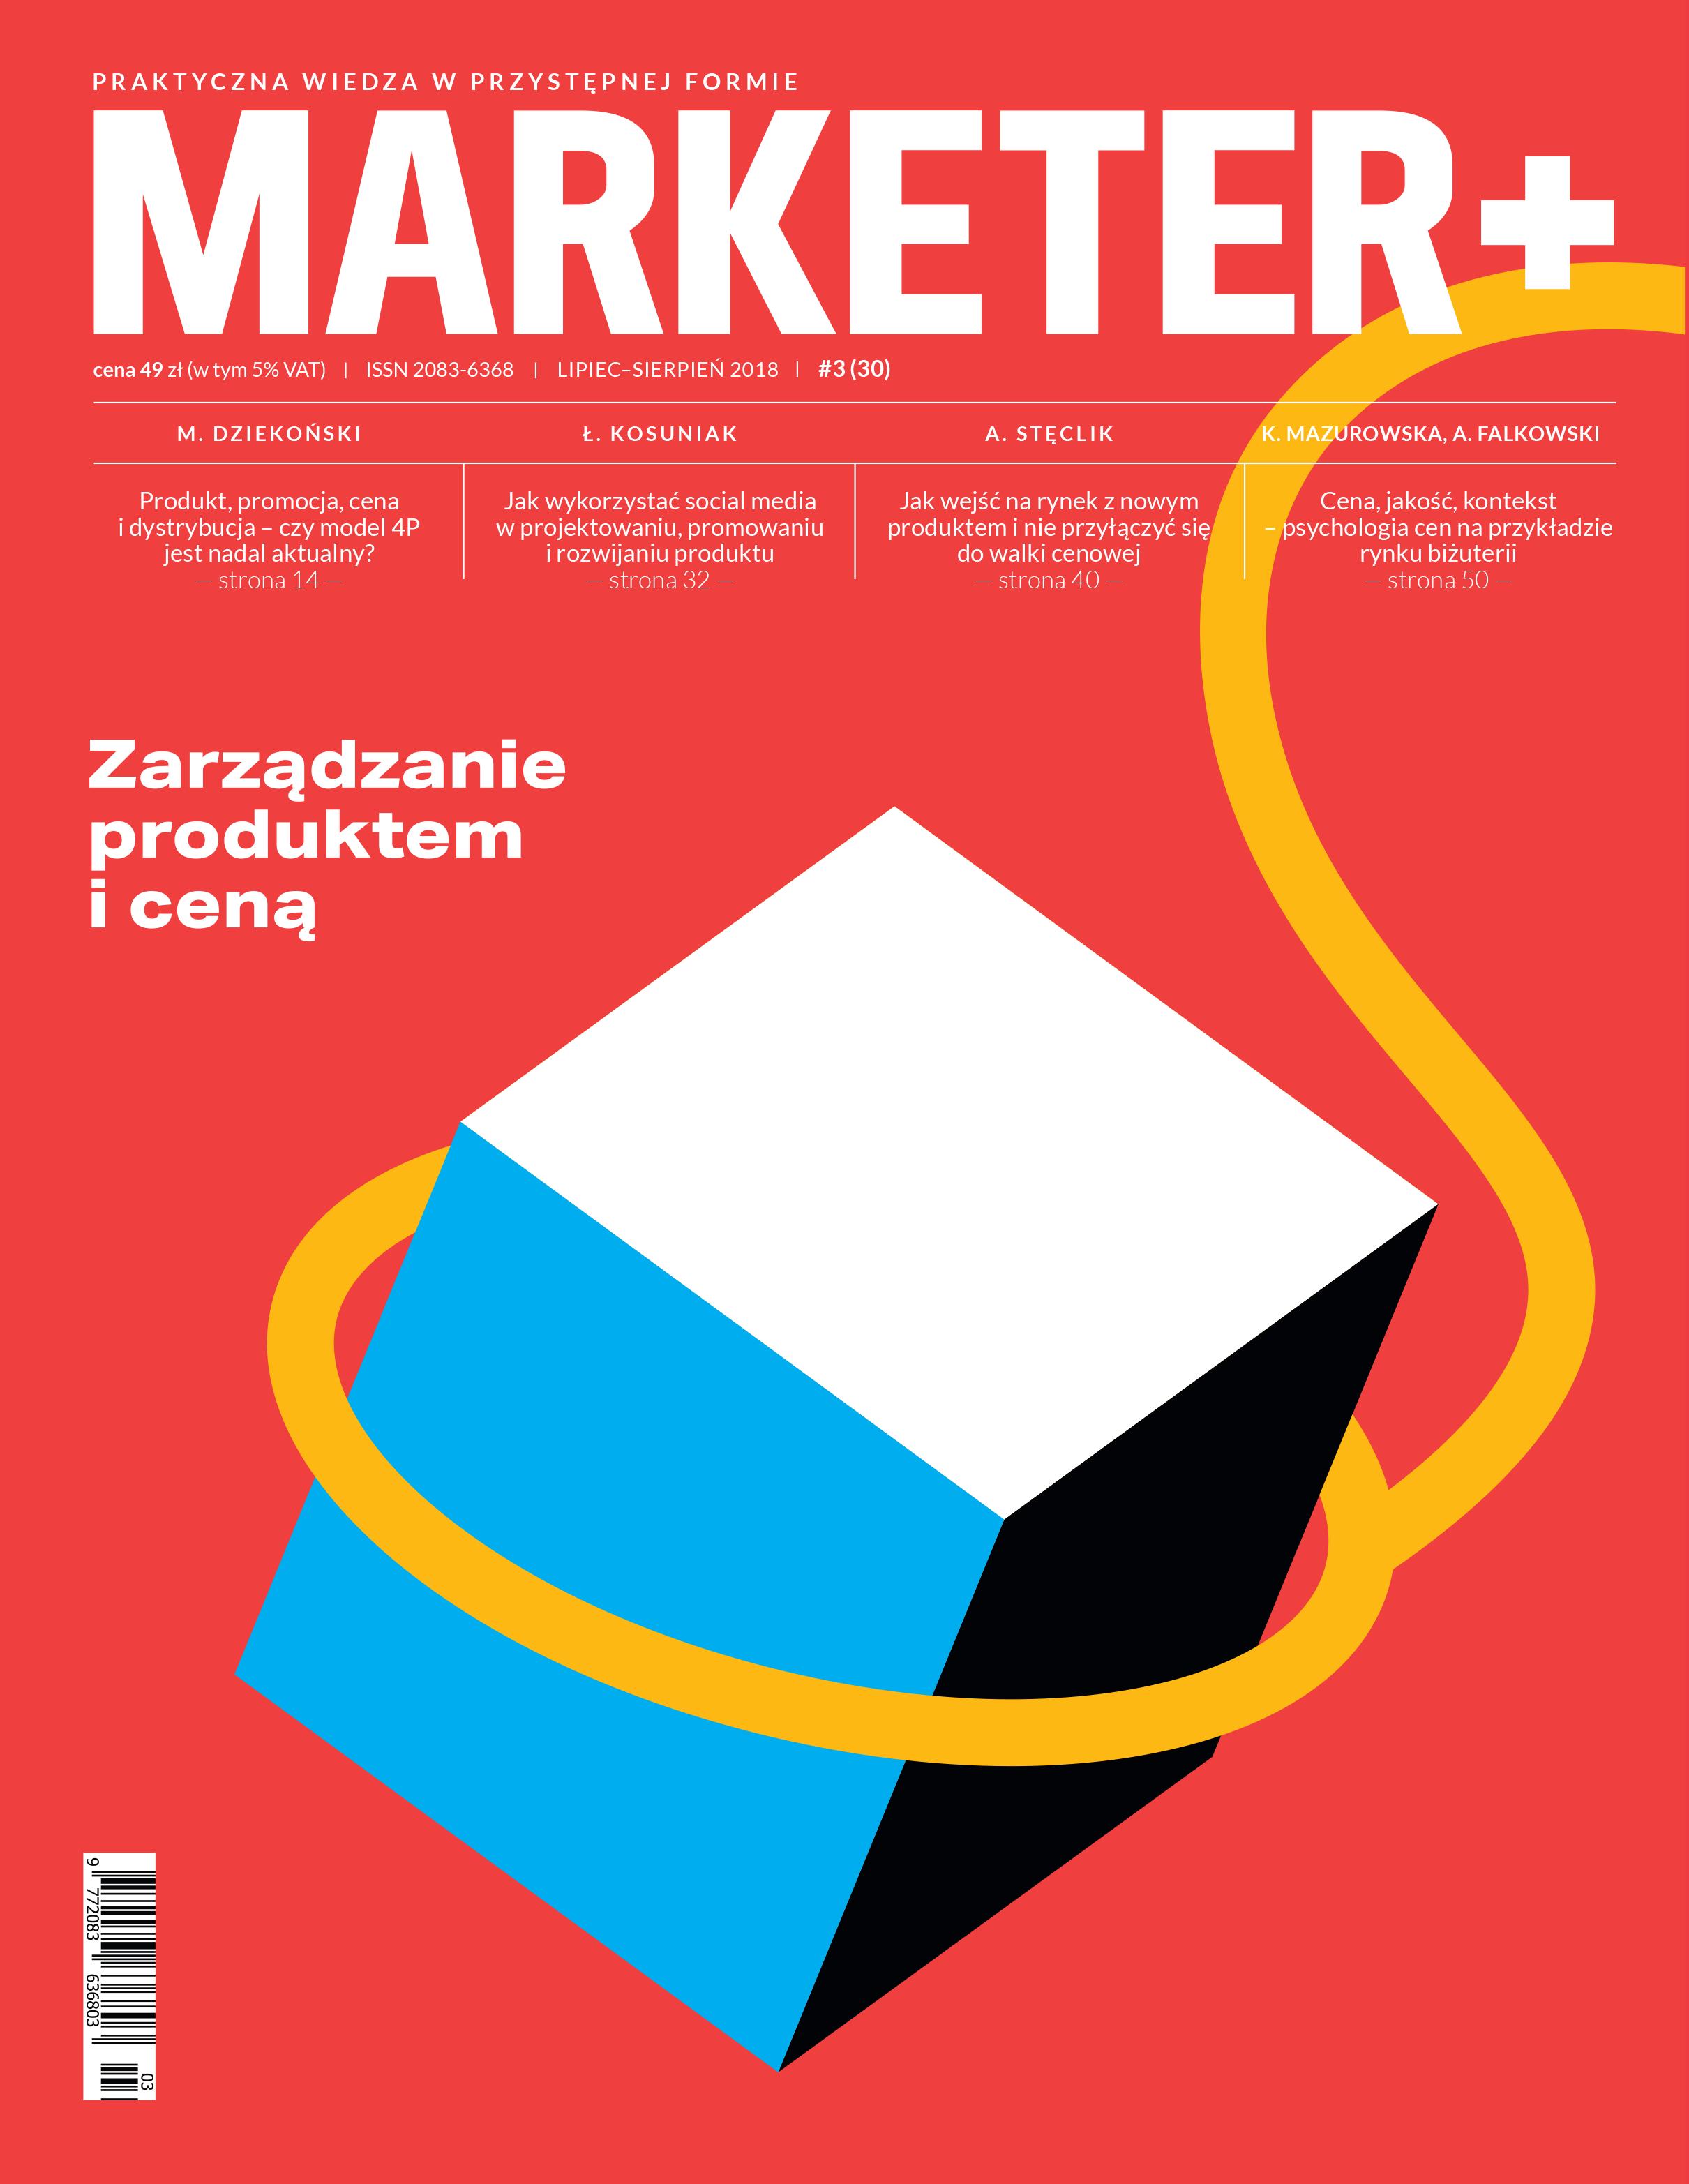 Marketer+